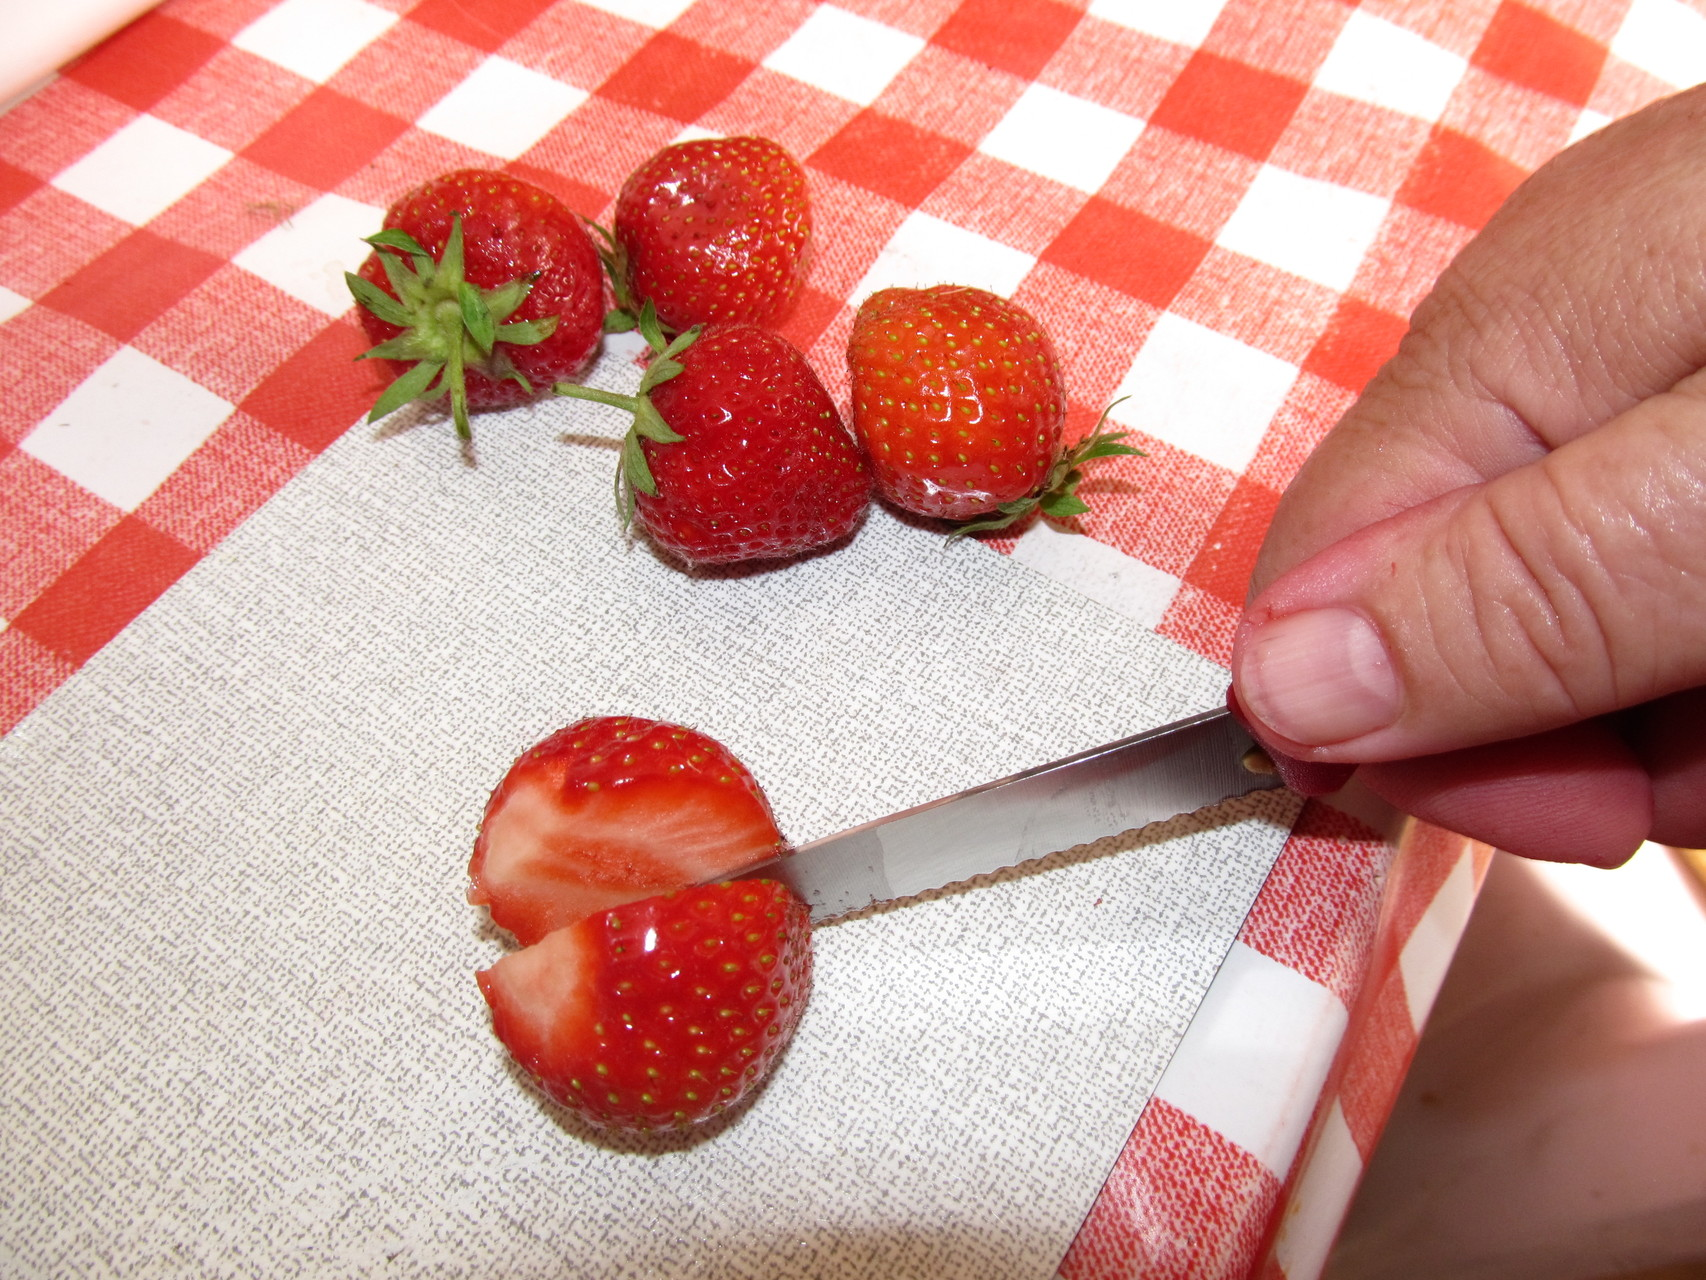 Jede Frucht wird in Handarbeit bearbeitet.